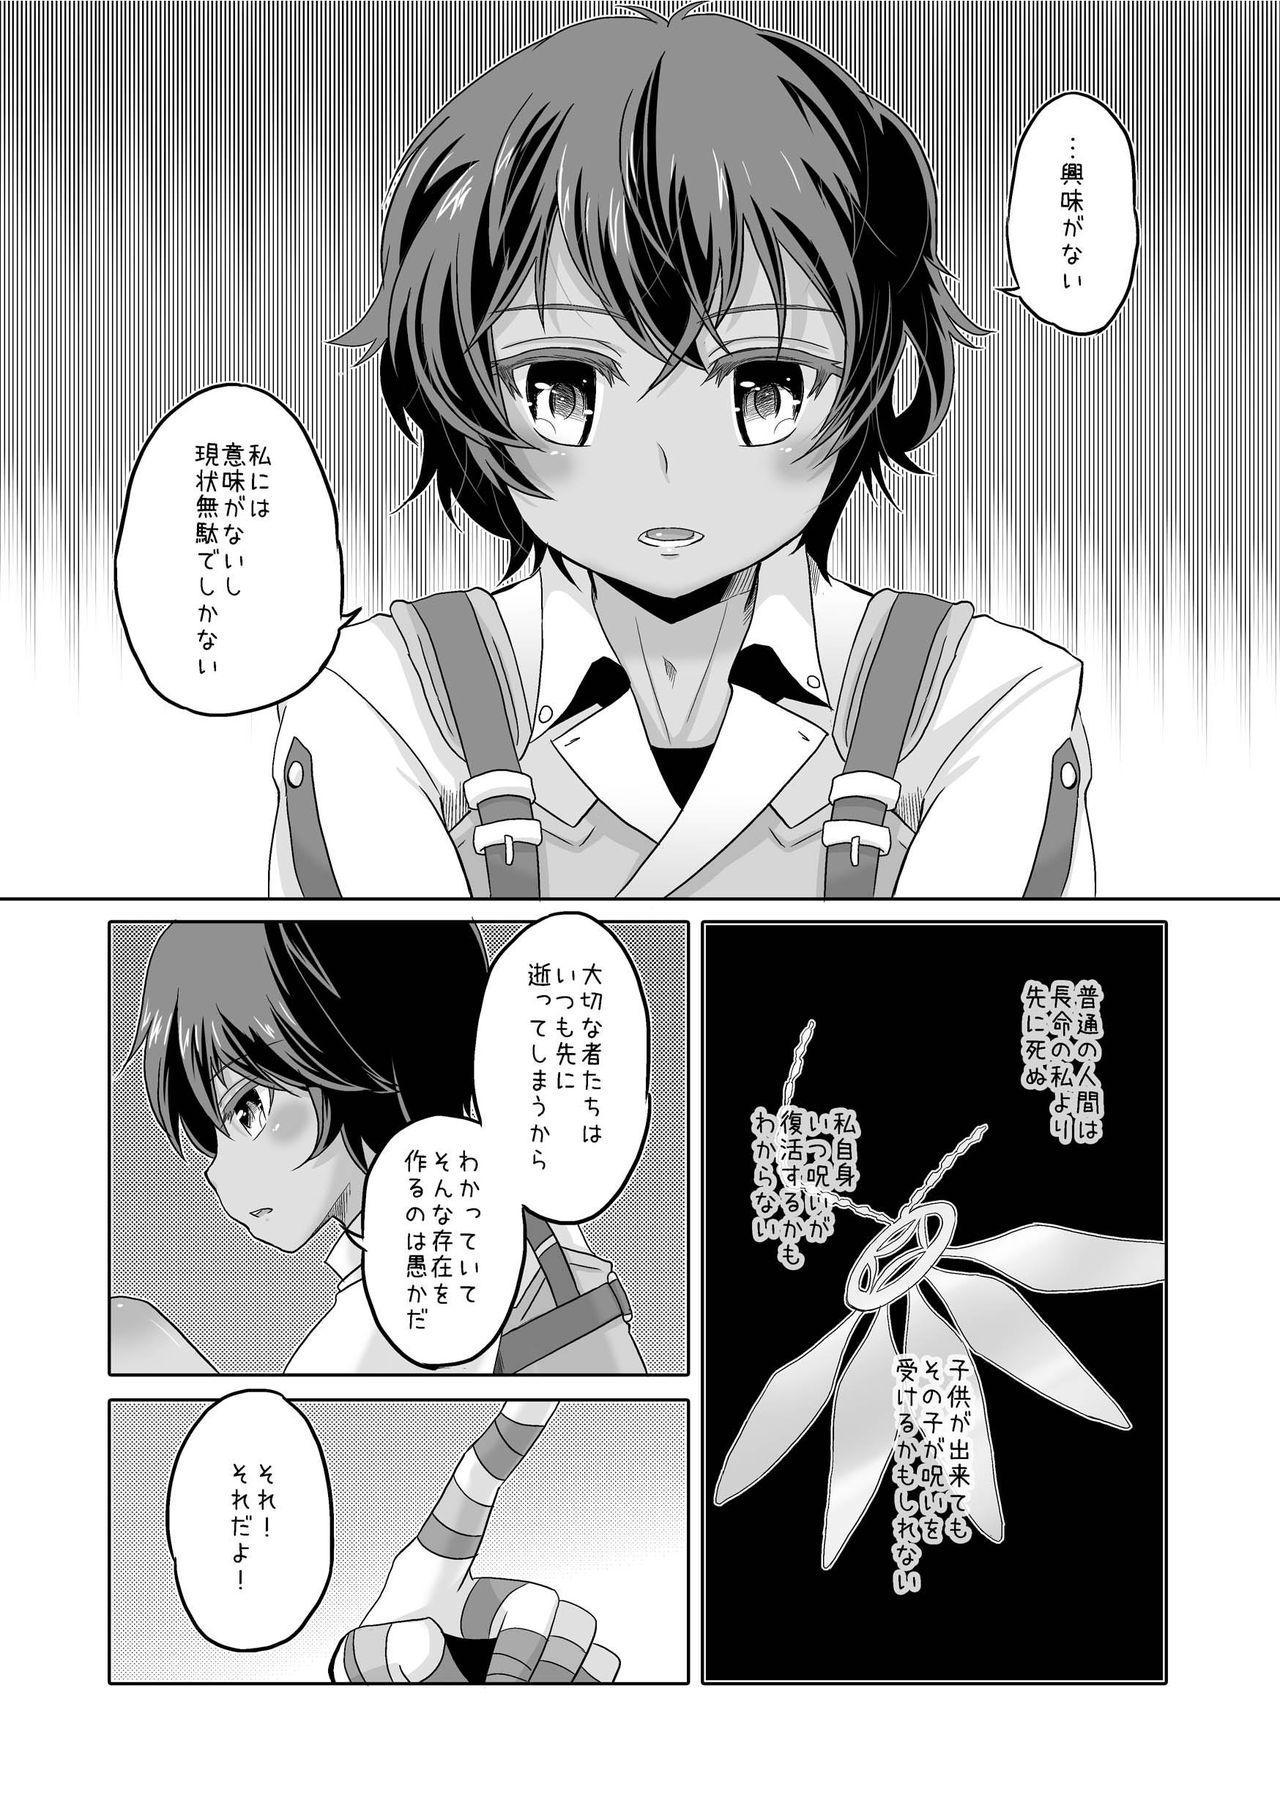 Kimi to Ikusen no Yoru o Sugosou 7